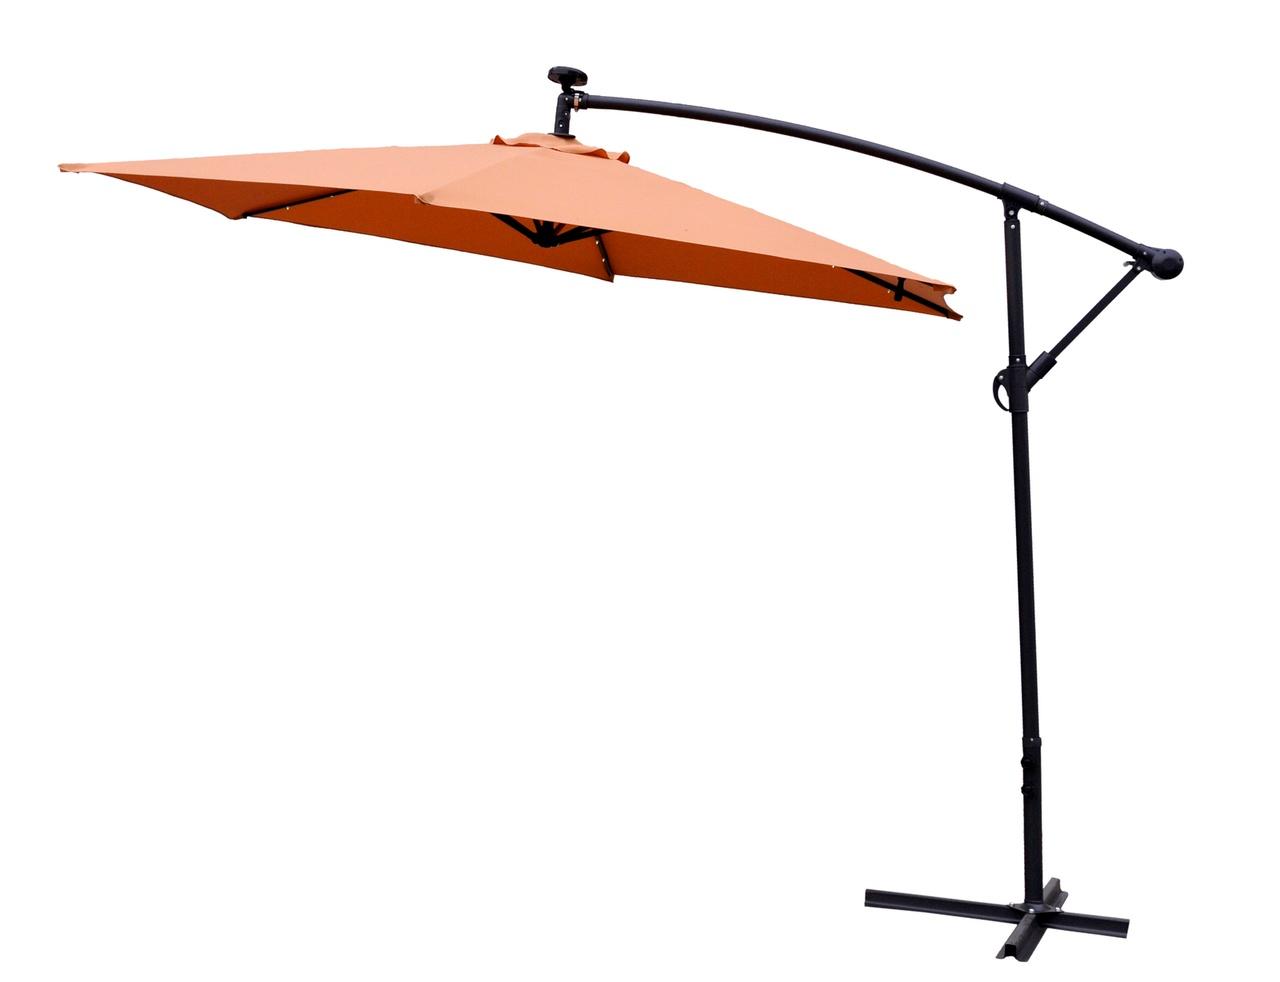 Aga Zahradní slunečník EXCLUSIV LED 300 cm Orange 2017